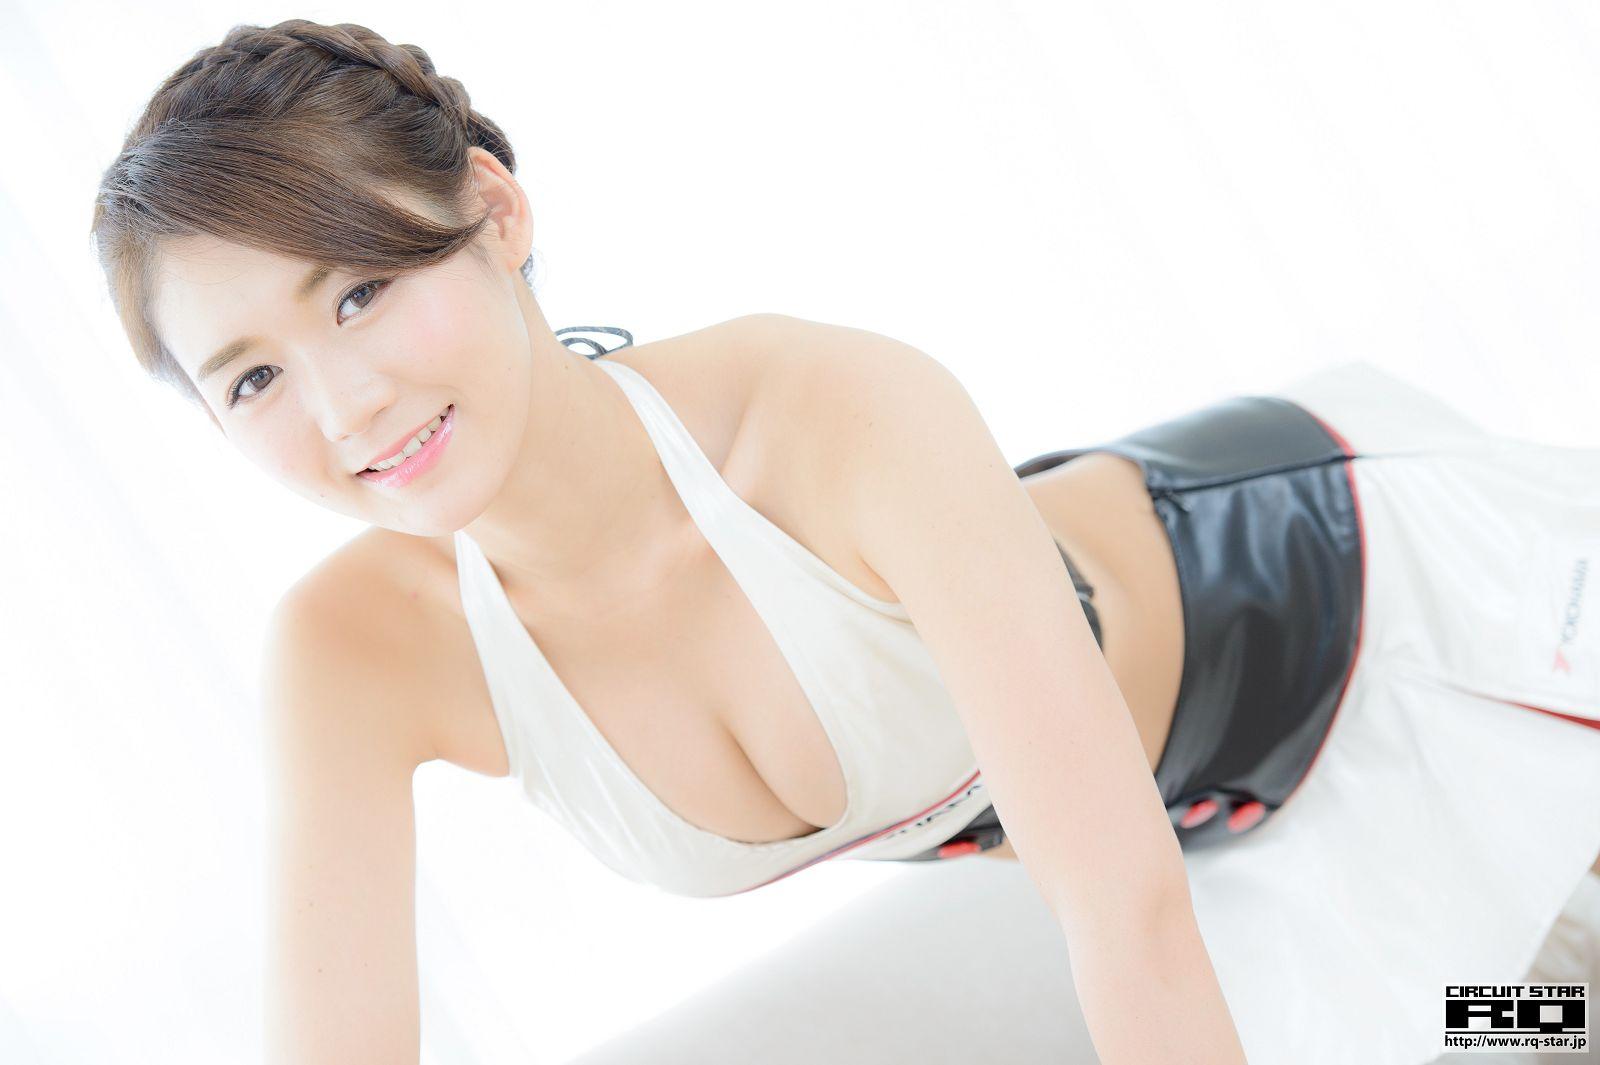 [RQ STAR美女] NO.00968 Yumi 優実 Race Queen[147P] RQ STAR 第3张